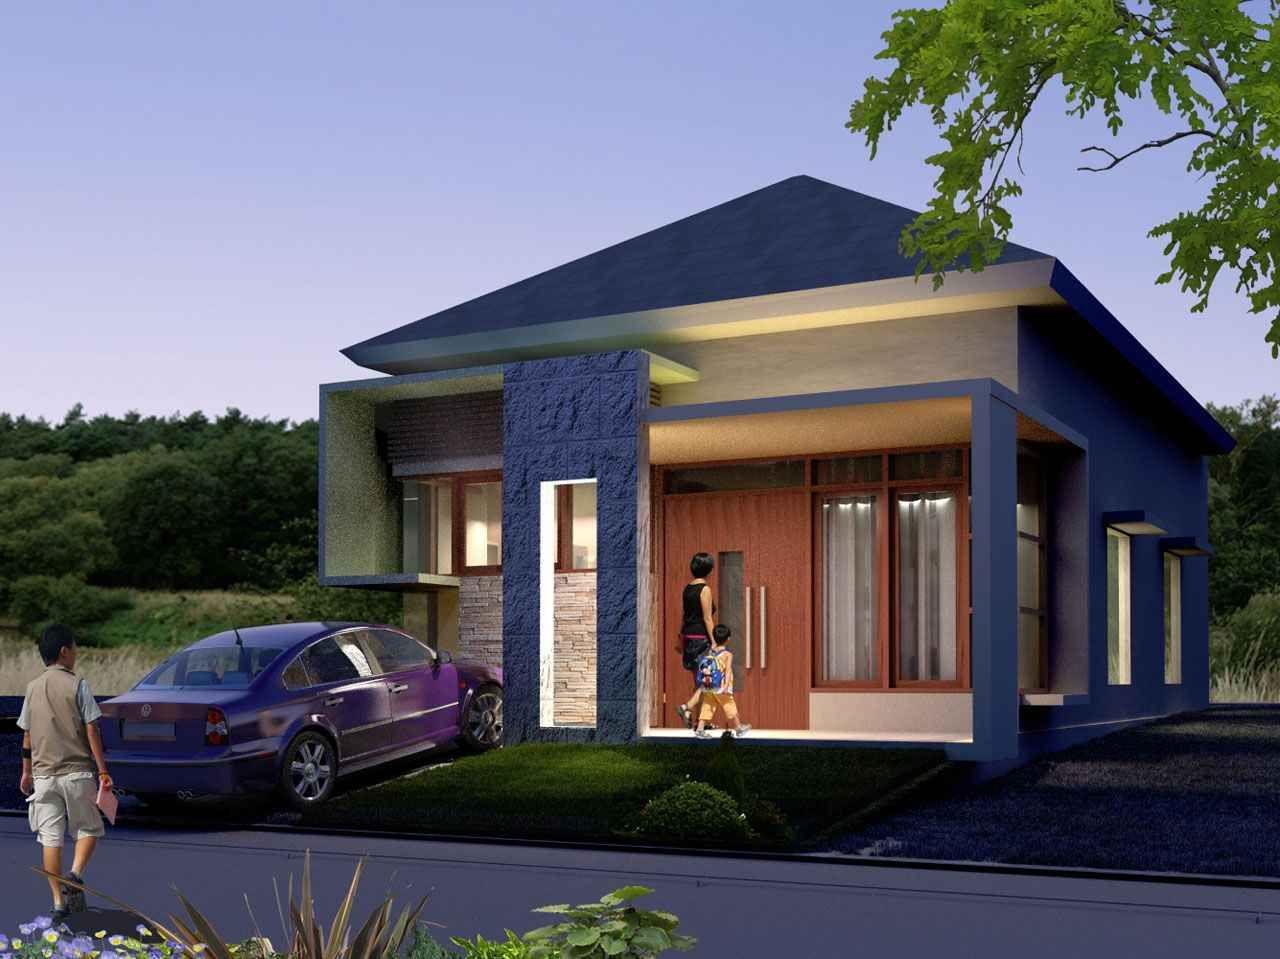 30 Contoh Gambar Rumah Minimalis Atap Datar Satu Lantai Desain Pin By Farikhatul Musaadah On Home Design Desain Desain Rumah Modern Desain Rumah